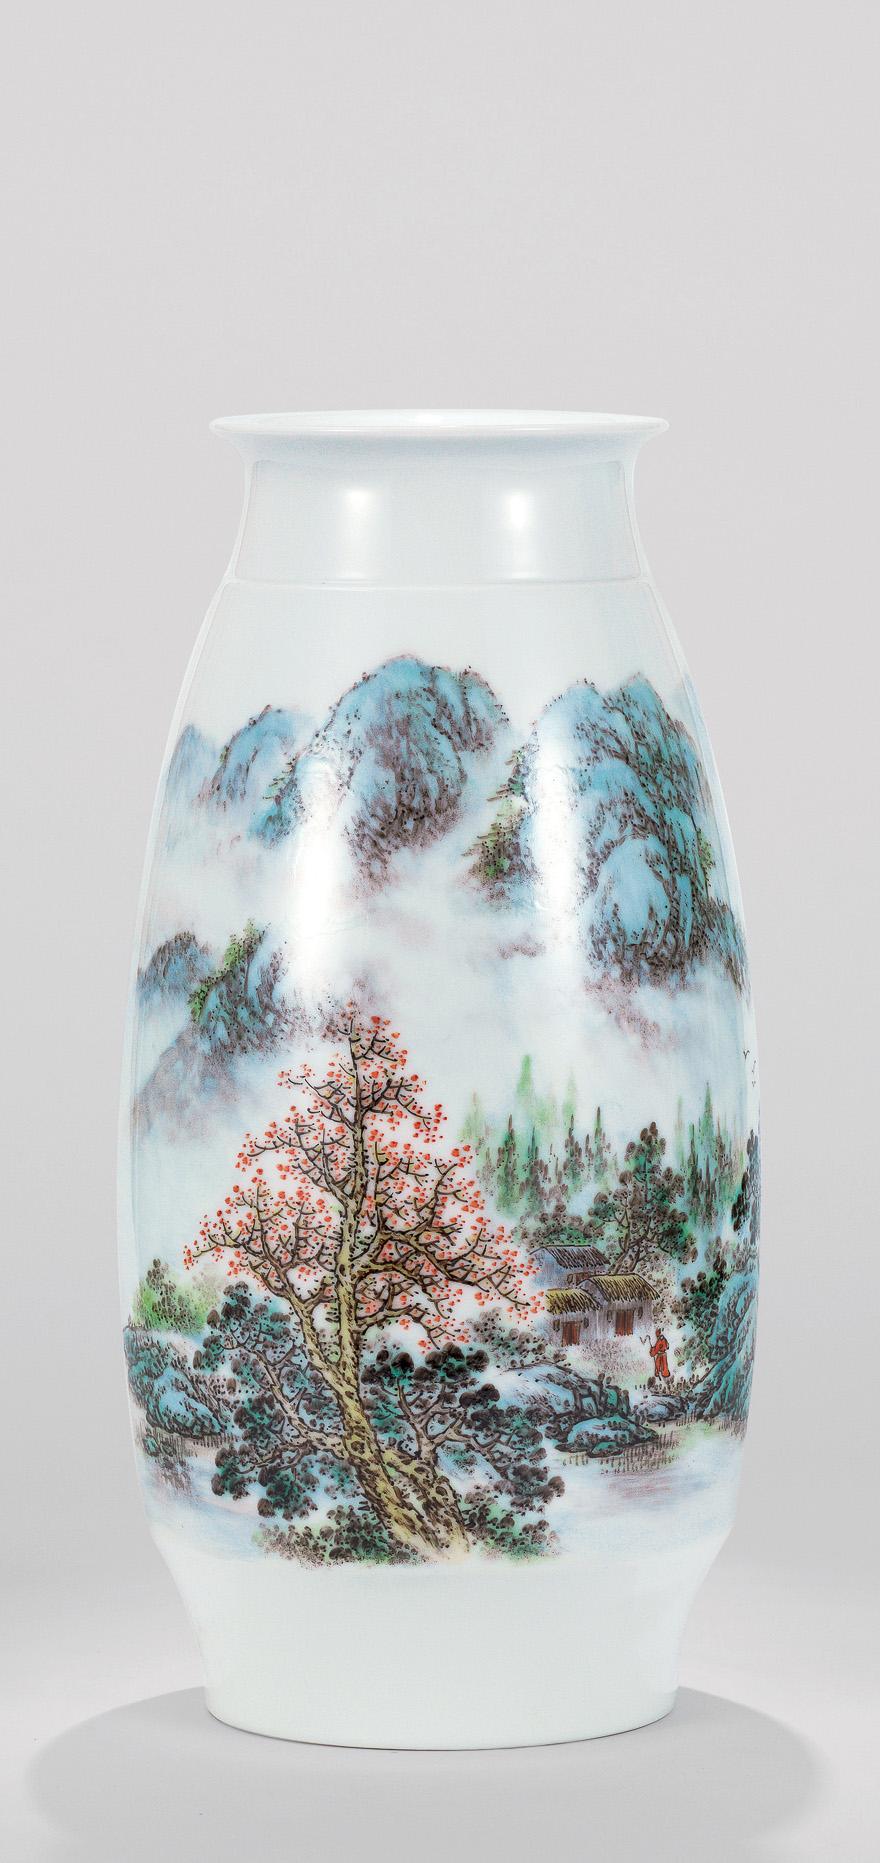 粉彩「溪山烟云」瓷瓶